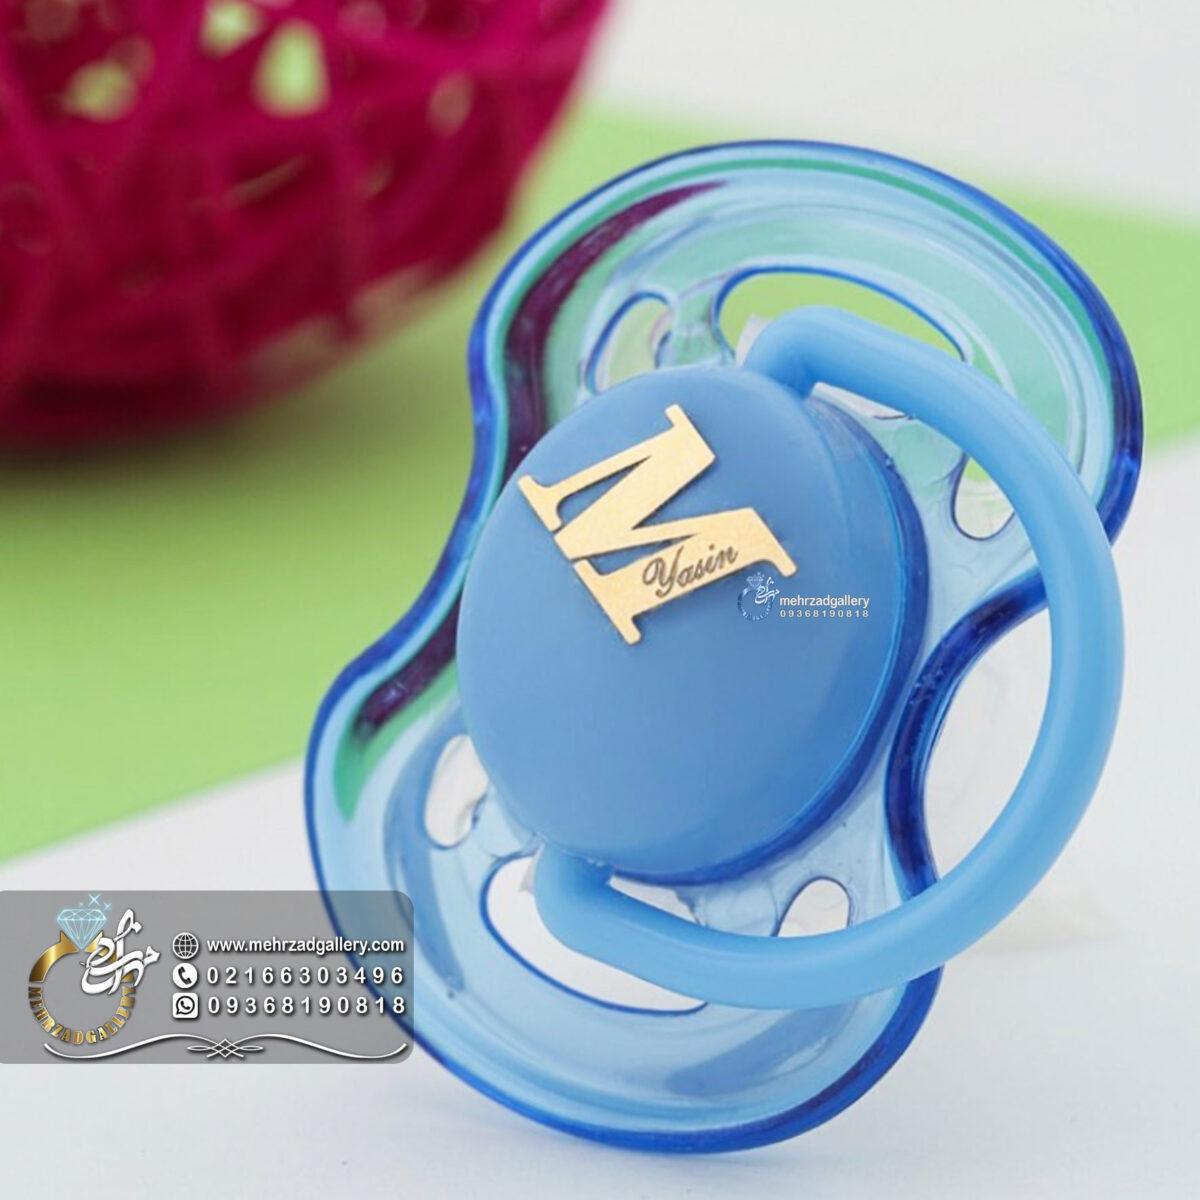 پلاک طلا اسم نوزاد حروف انگلیسی M برای پستونک